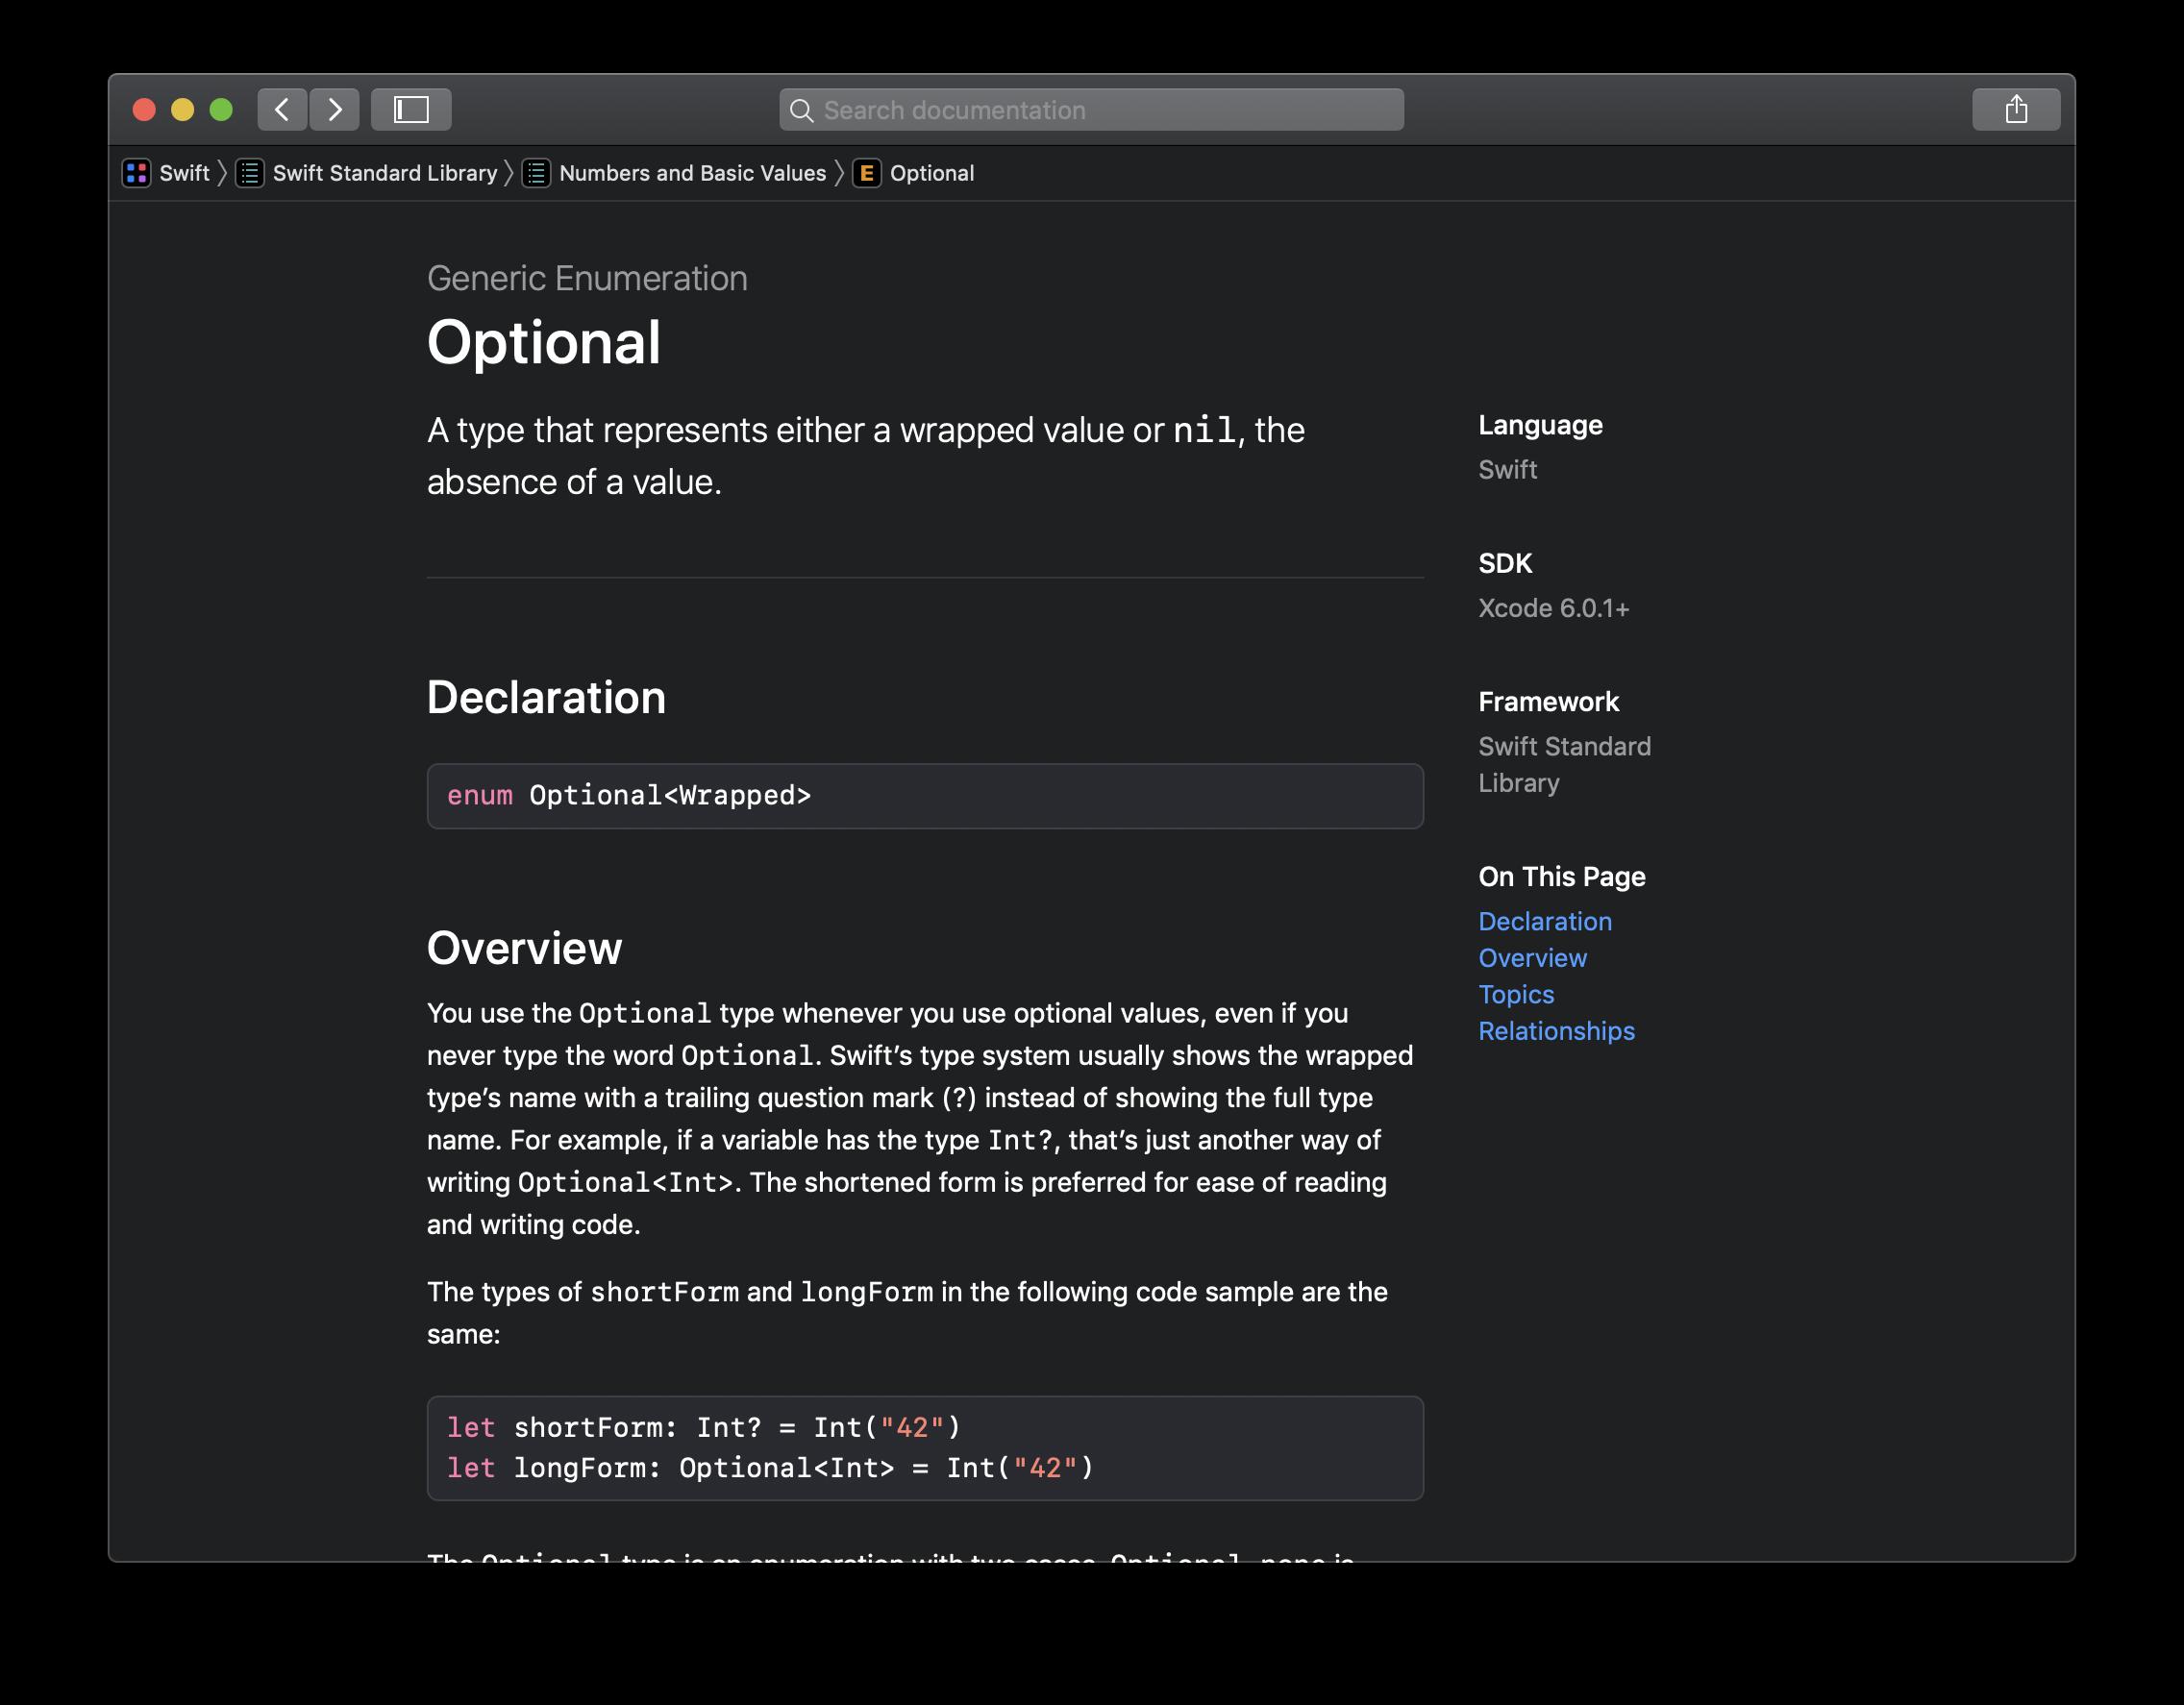 """Bei """"Optional"""" handelt es sich um eine Generic Enumeration aus der Swift Standard Library."""